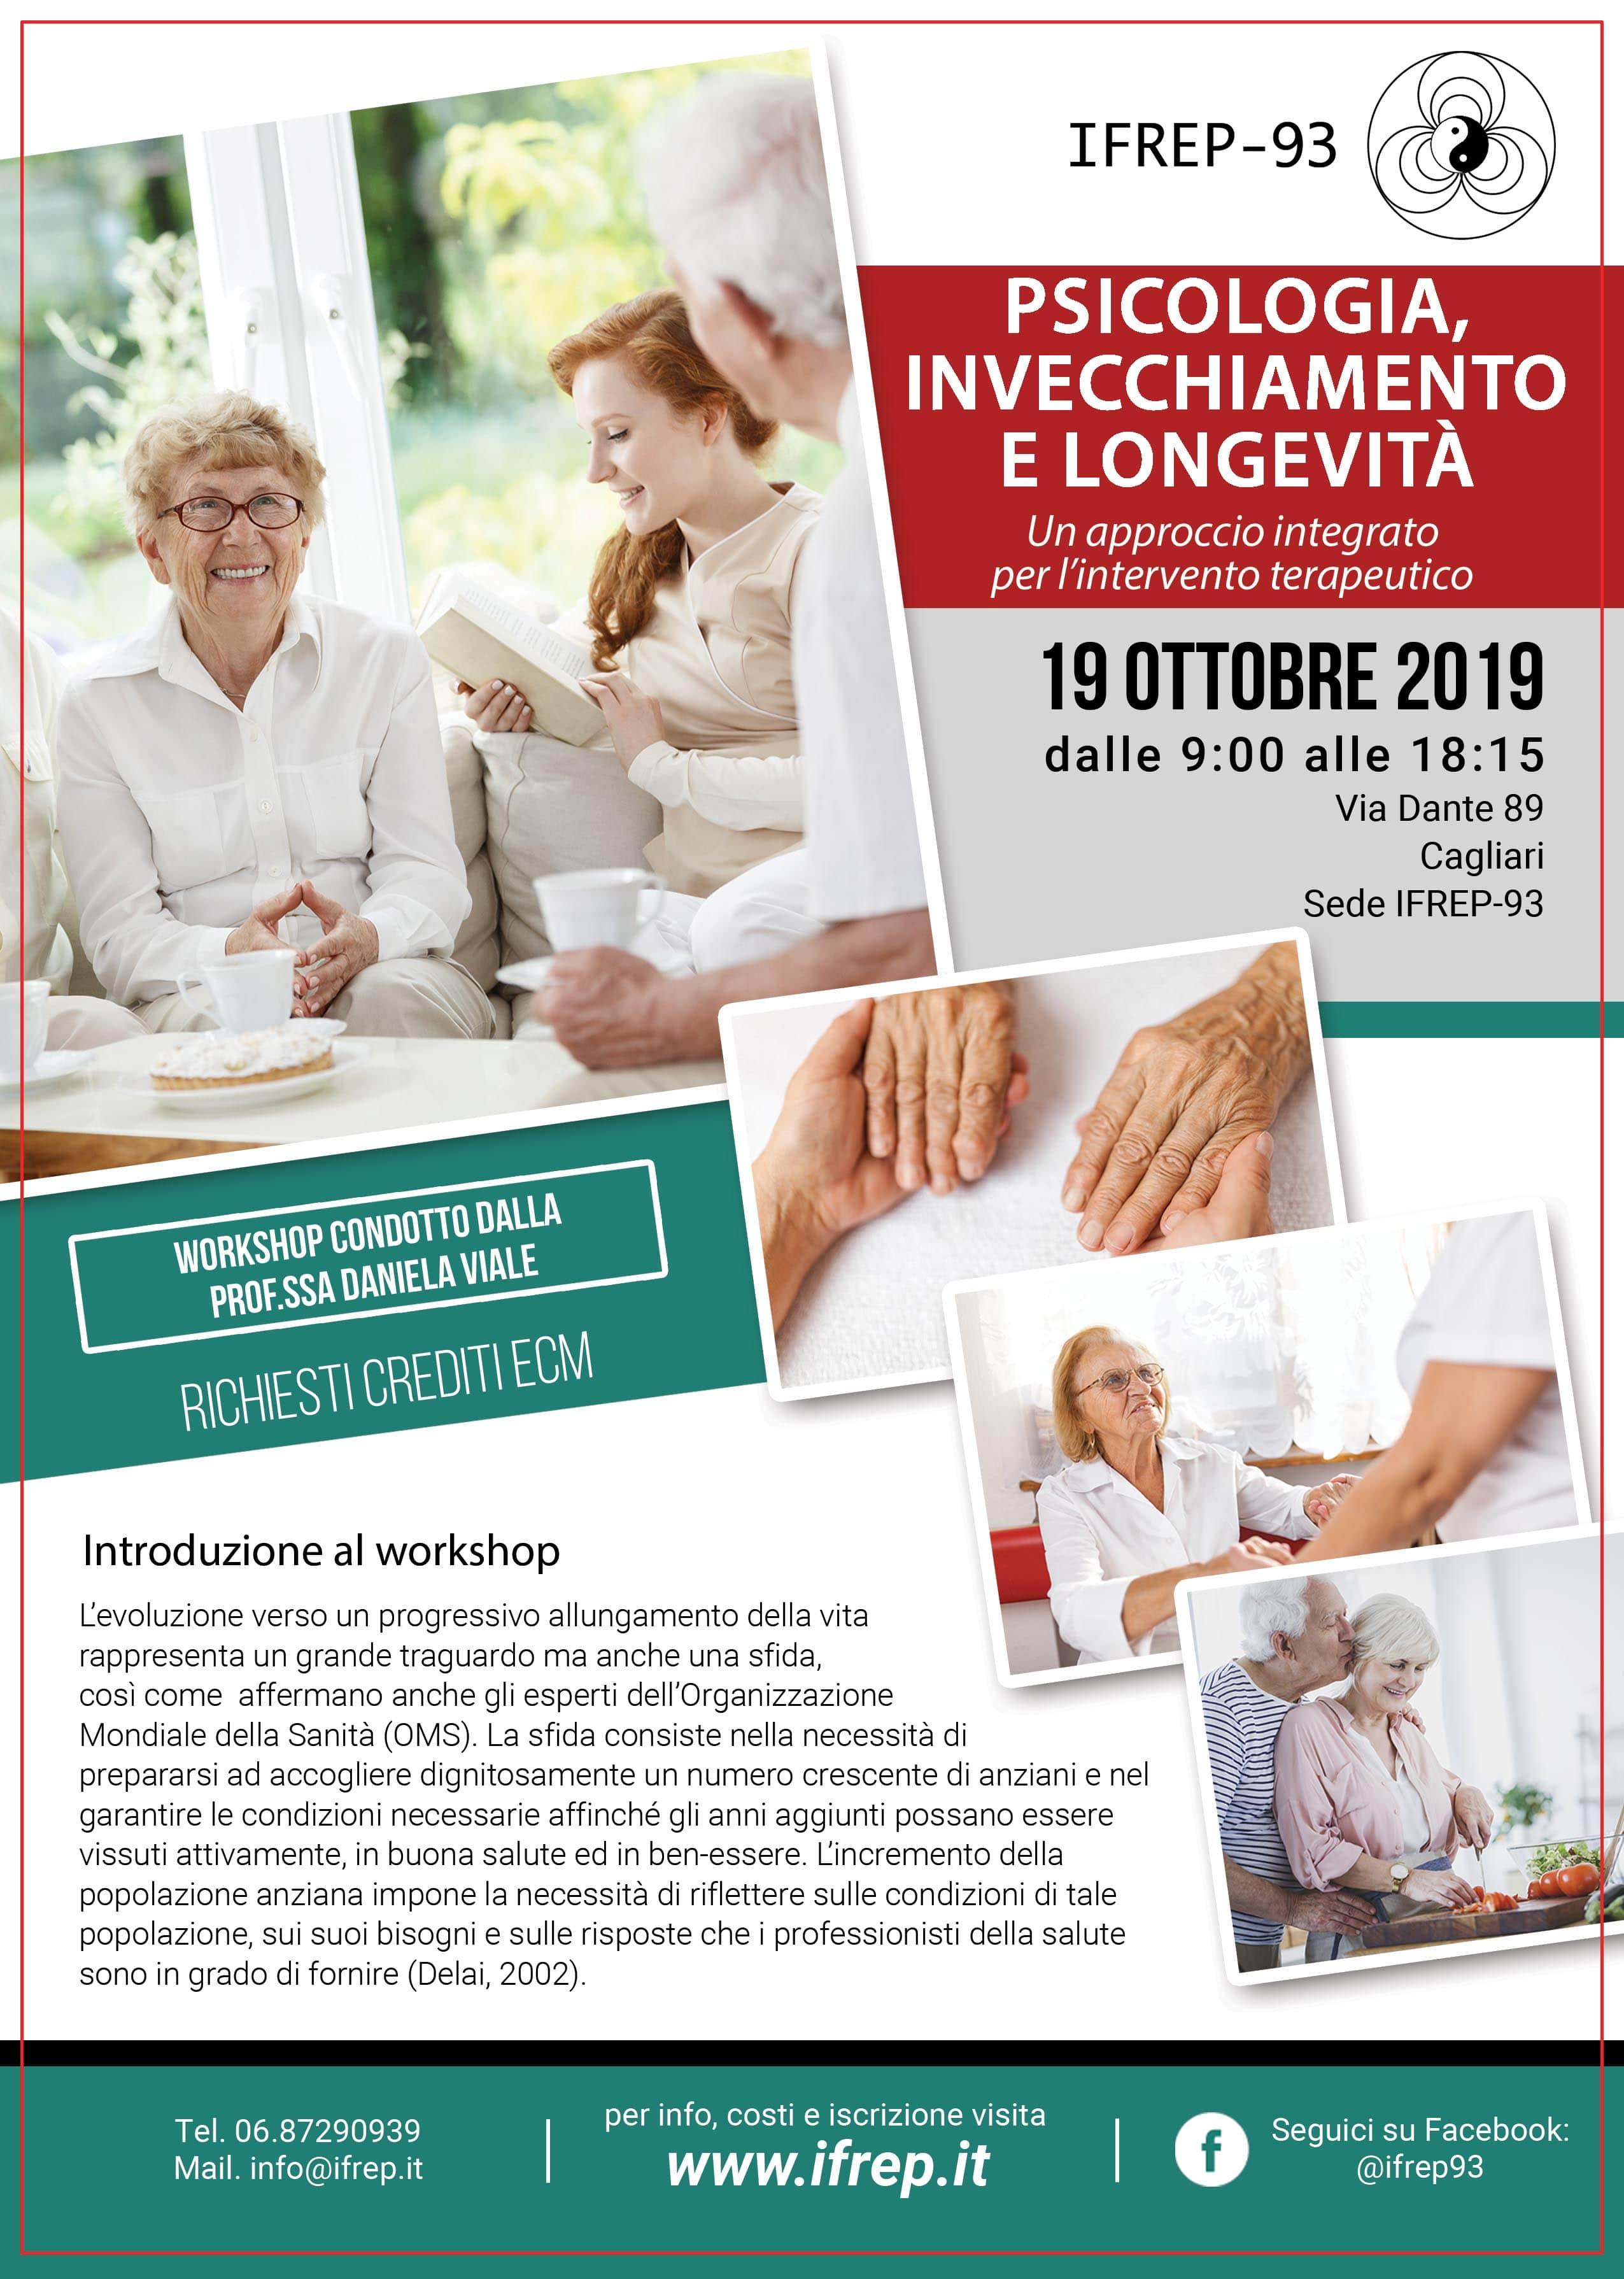 Cagliari, 19 Ottobre – Psicologia, invecchiamento e longevità